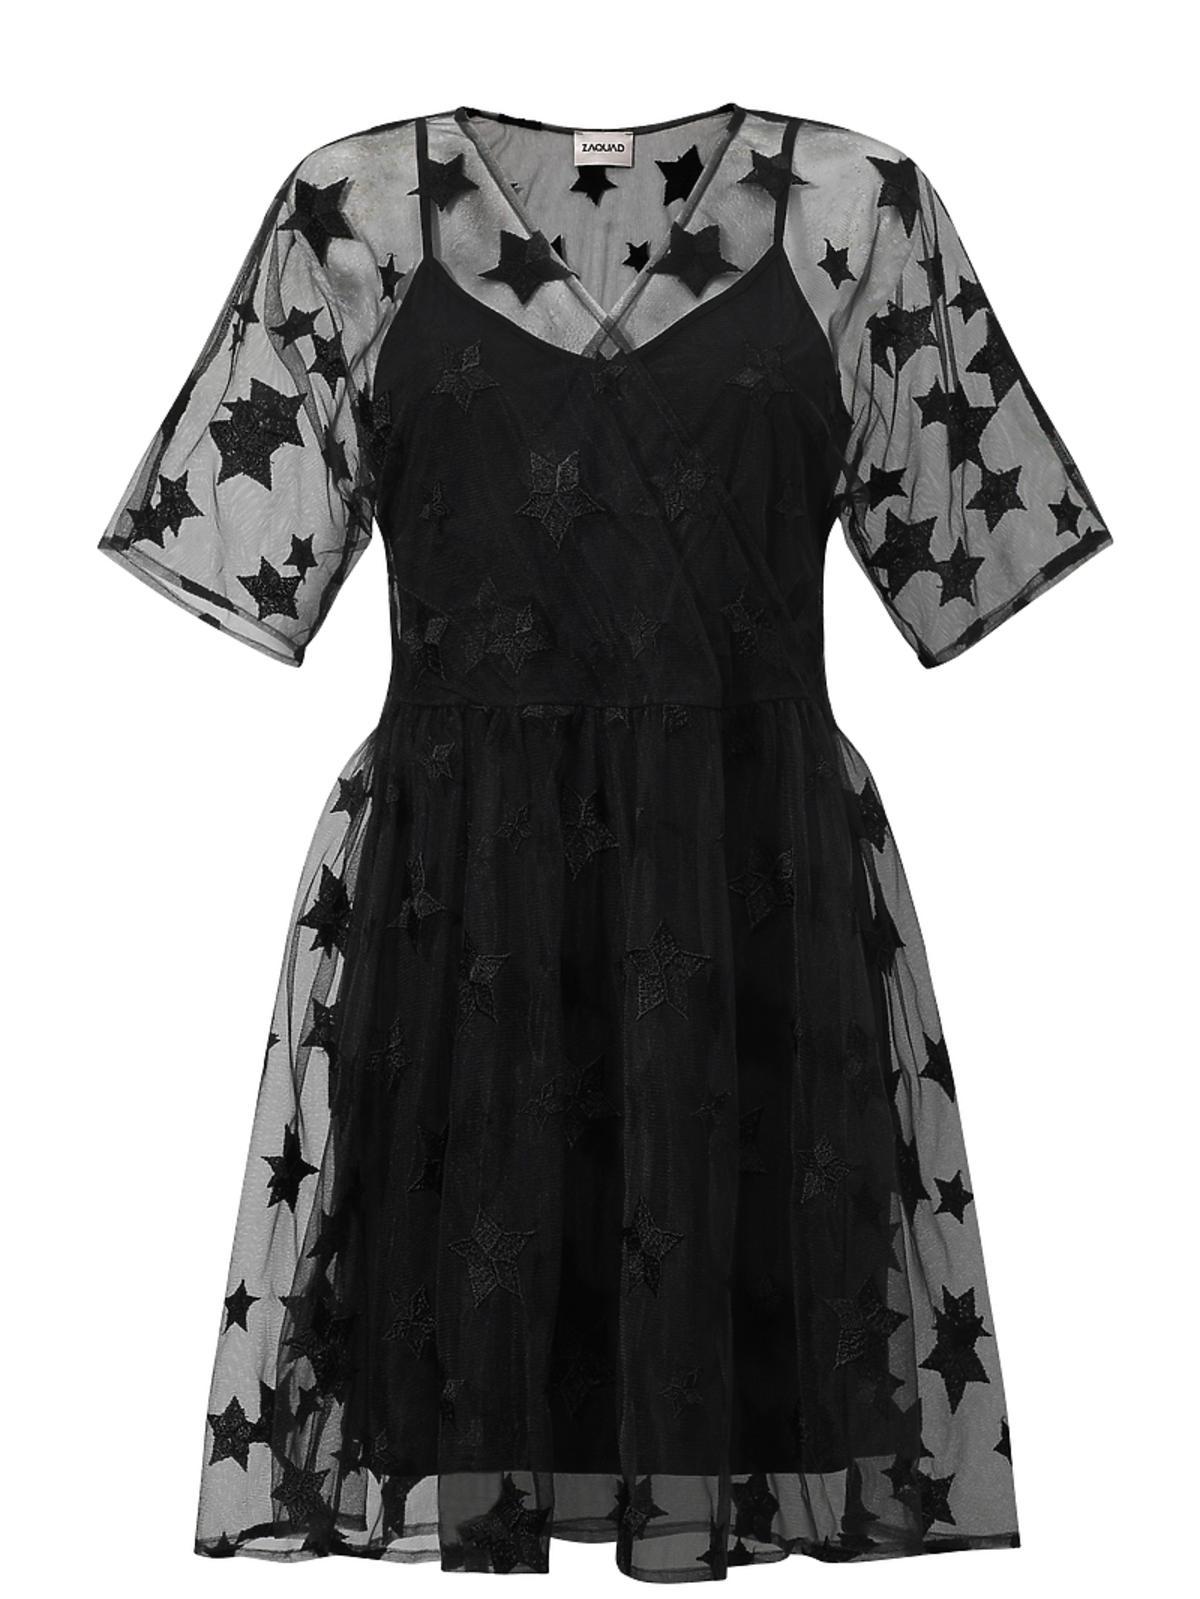 Zaquad, Sukienka w gwiazdki 1200zł (przecena w tym momencie na 960zł)